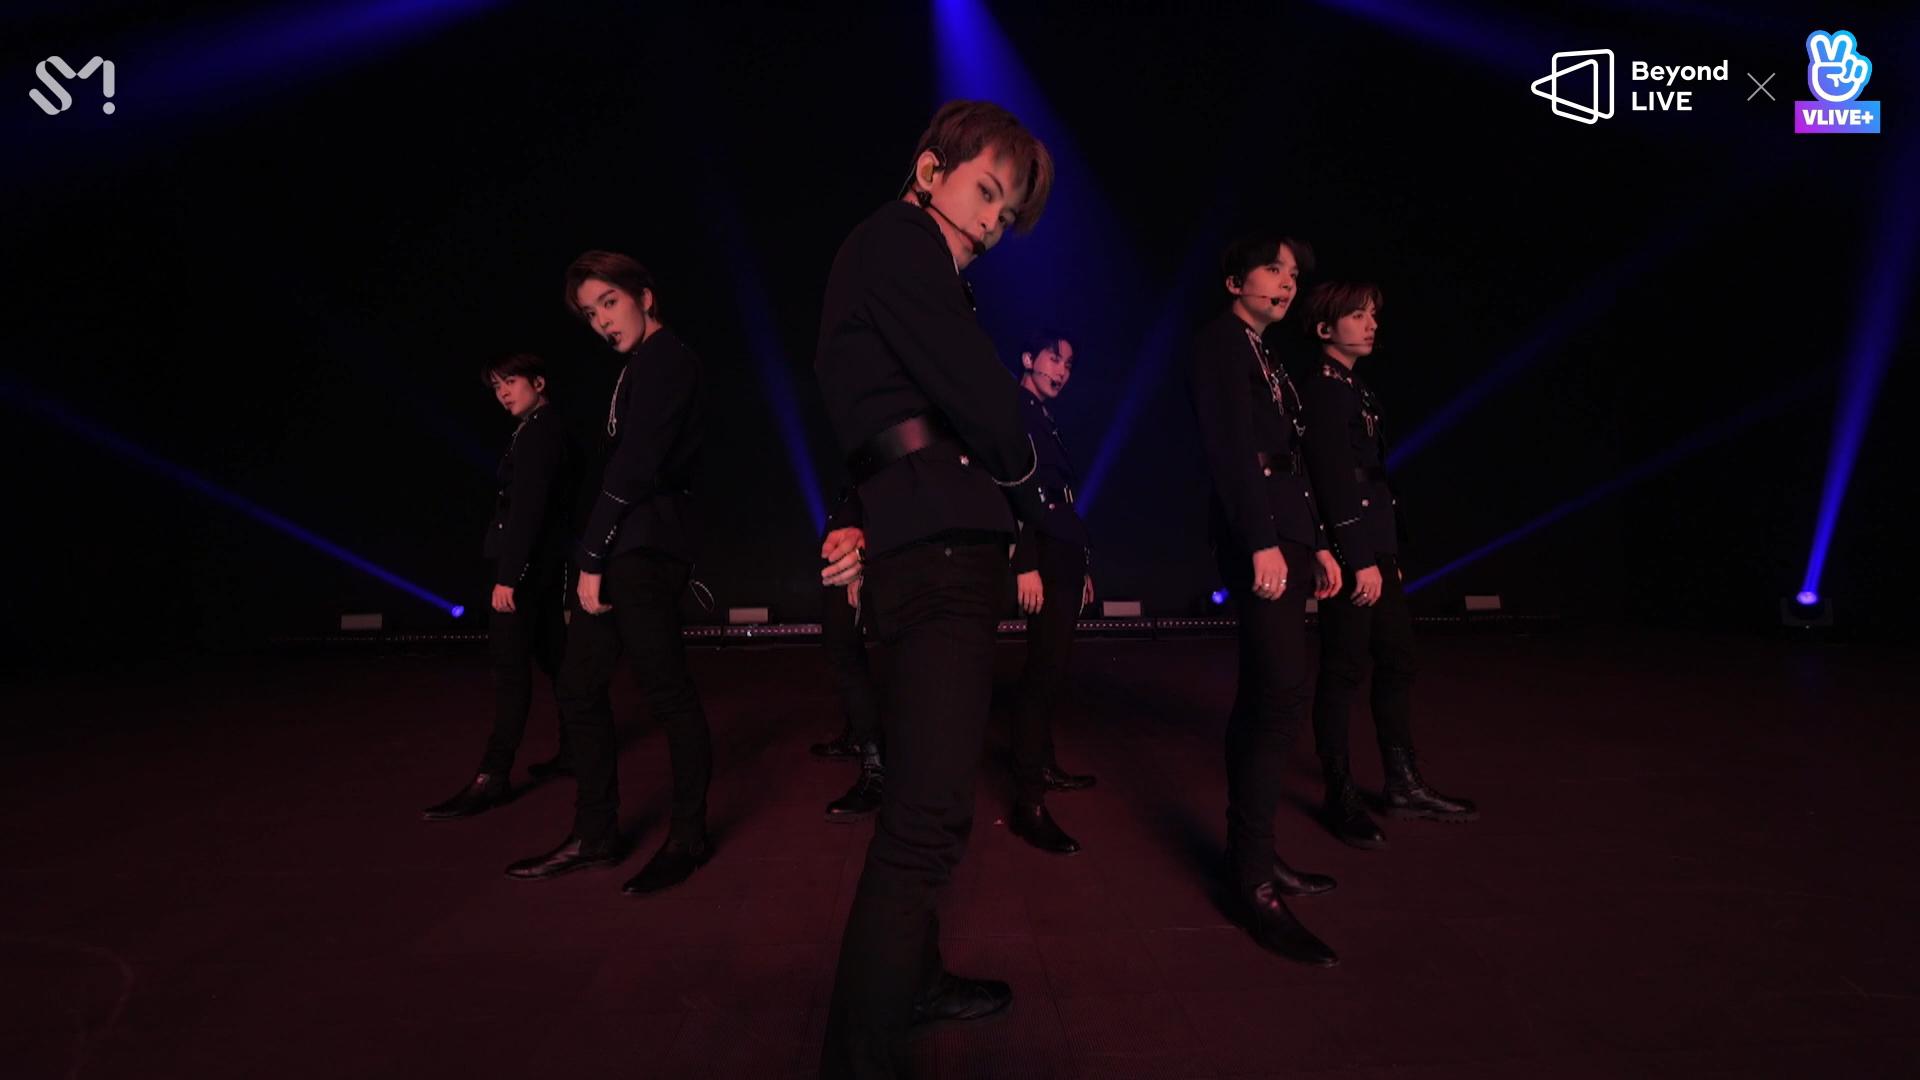 NCT 2020 và concert đầu tiên quy tụ những sân khấu đầy bùng nổ từ khi debut đến hiện tại!